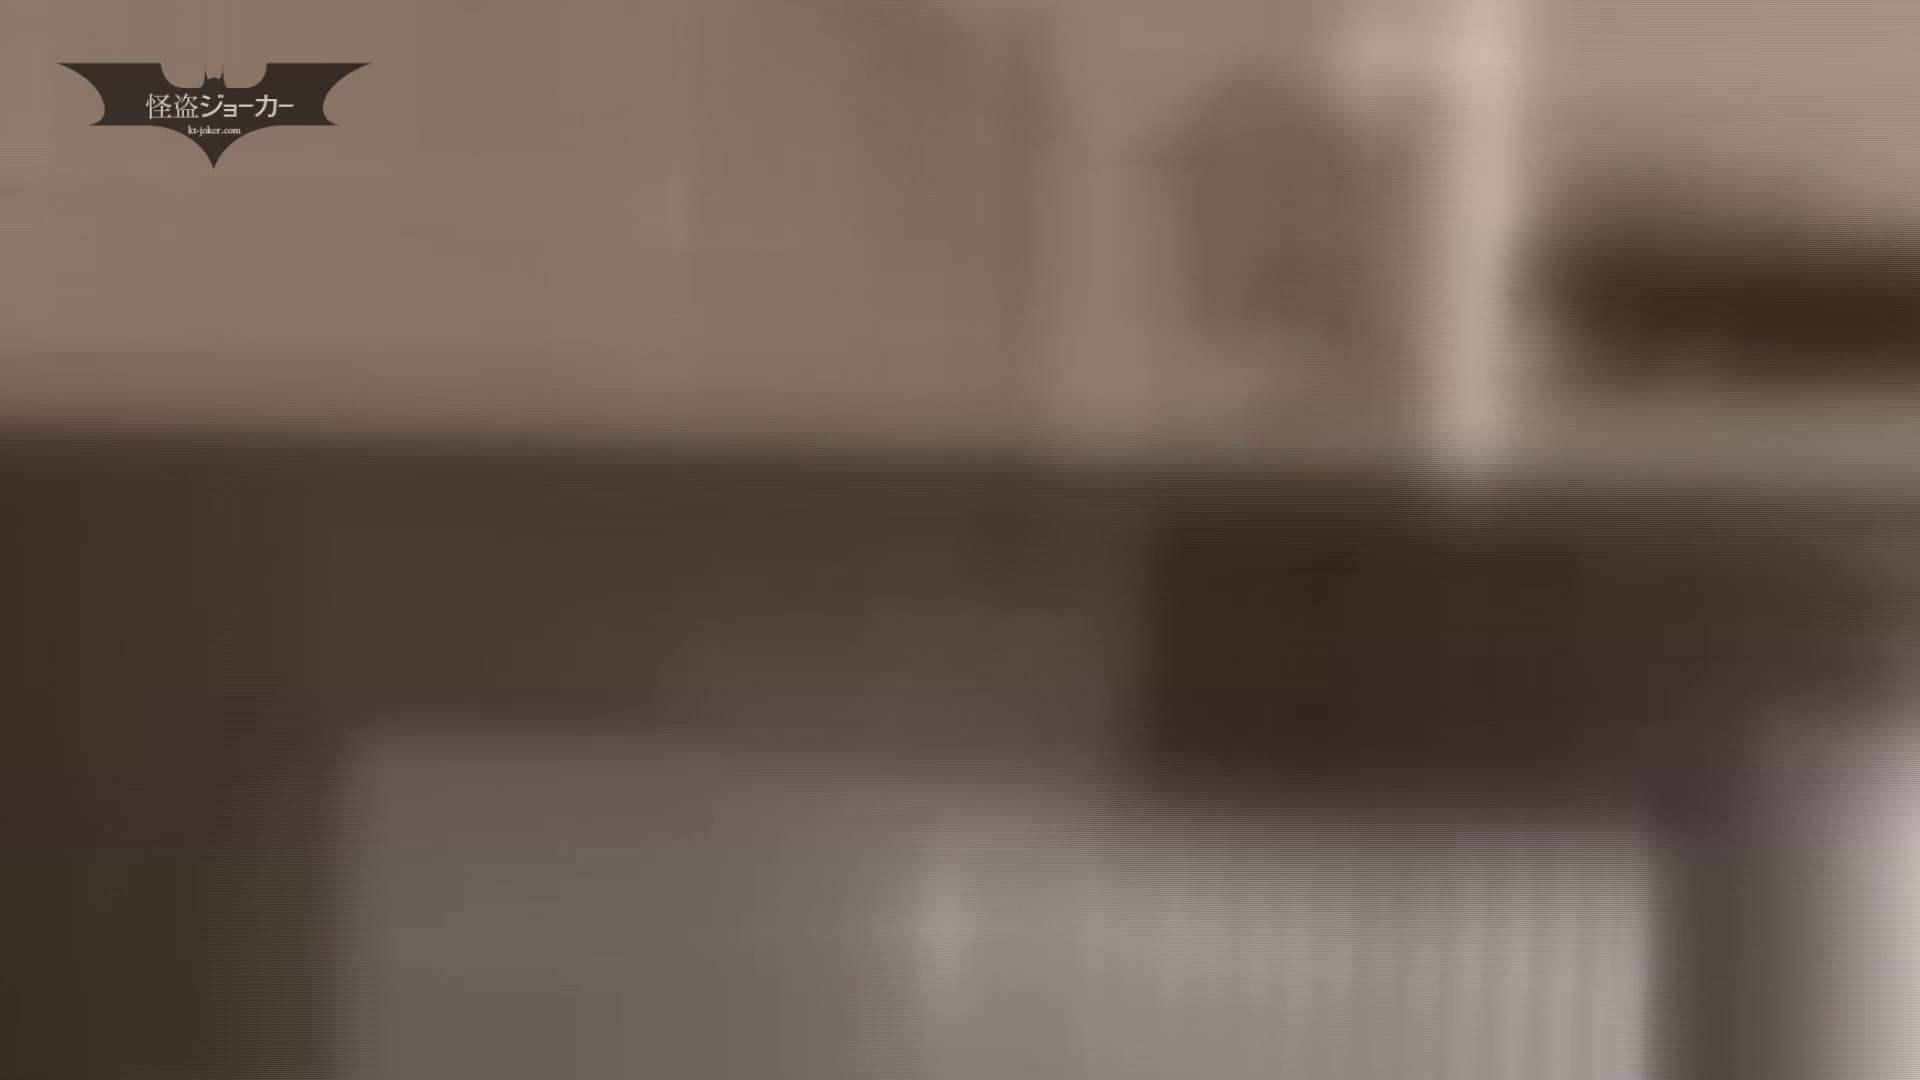 ヒトニアラヅNo.10 雪の様な白い肌 ギャル攻め 性交動画流出 108画像 34